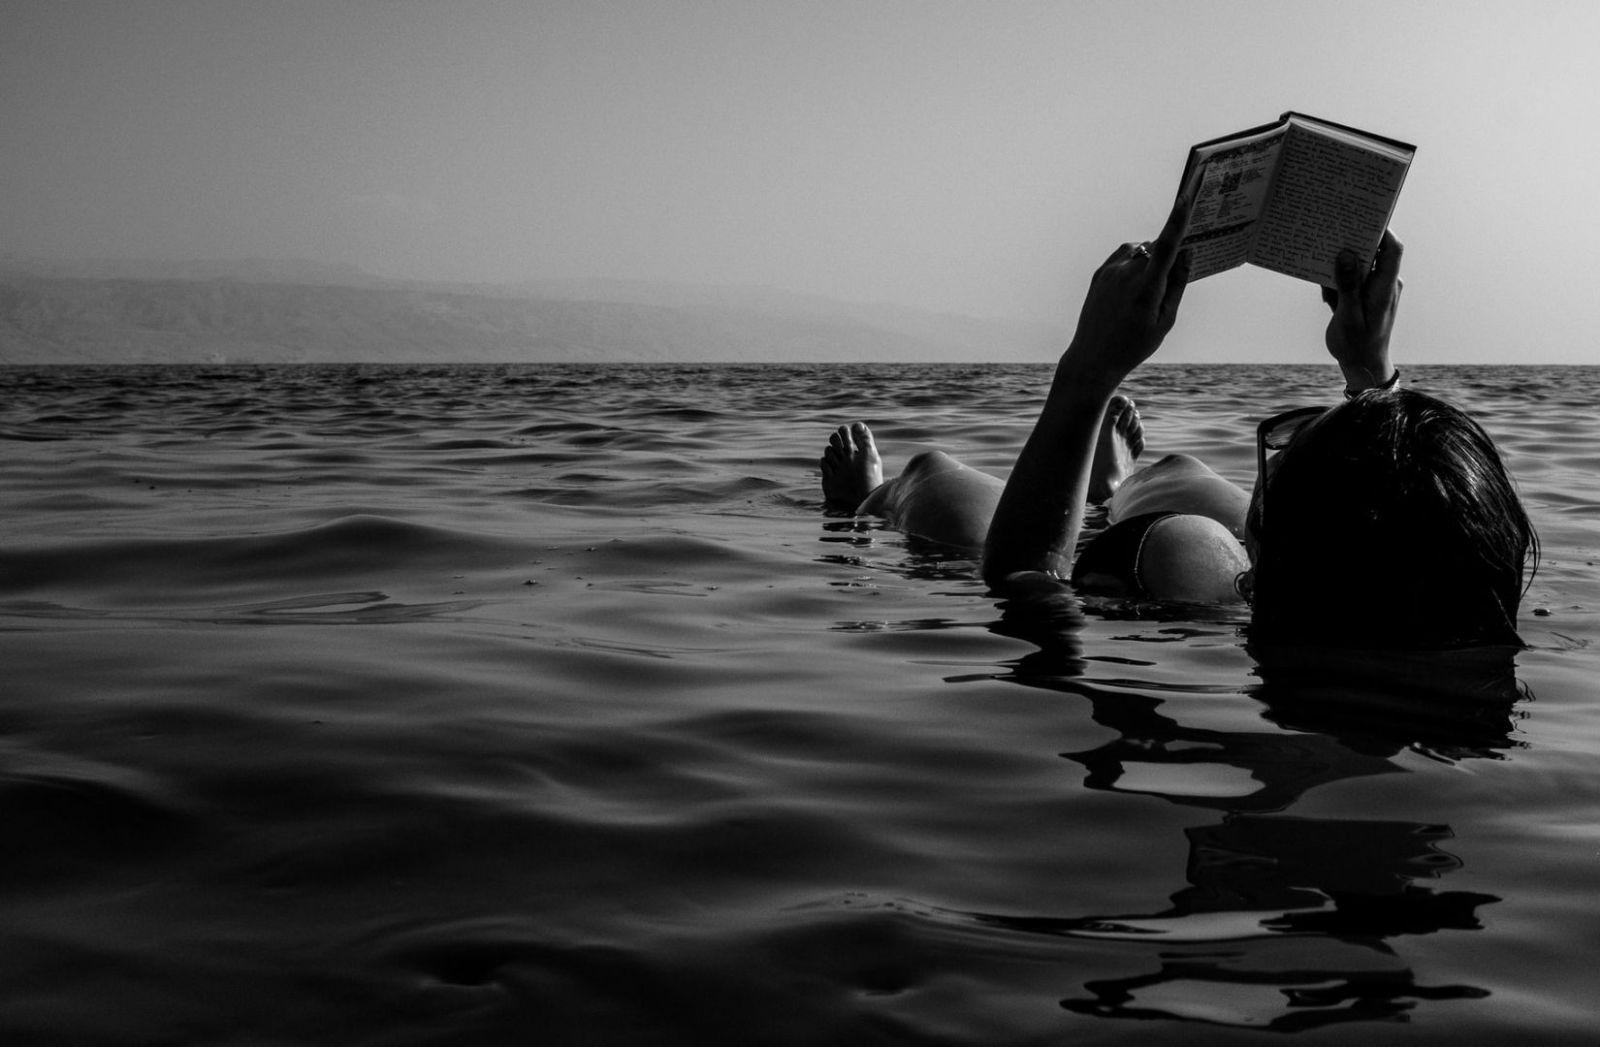 Eine Frau liegt im Wasser und Liest ein Buch. (Foto: Bruno Aguirre, Unsplash.com)